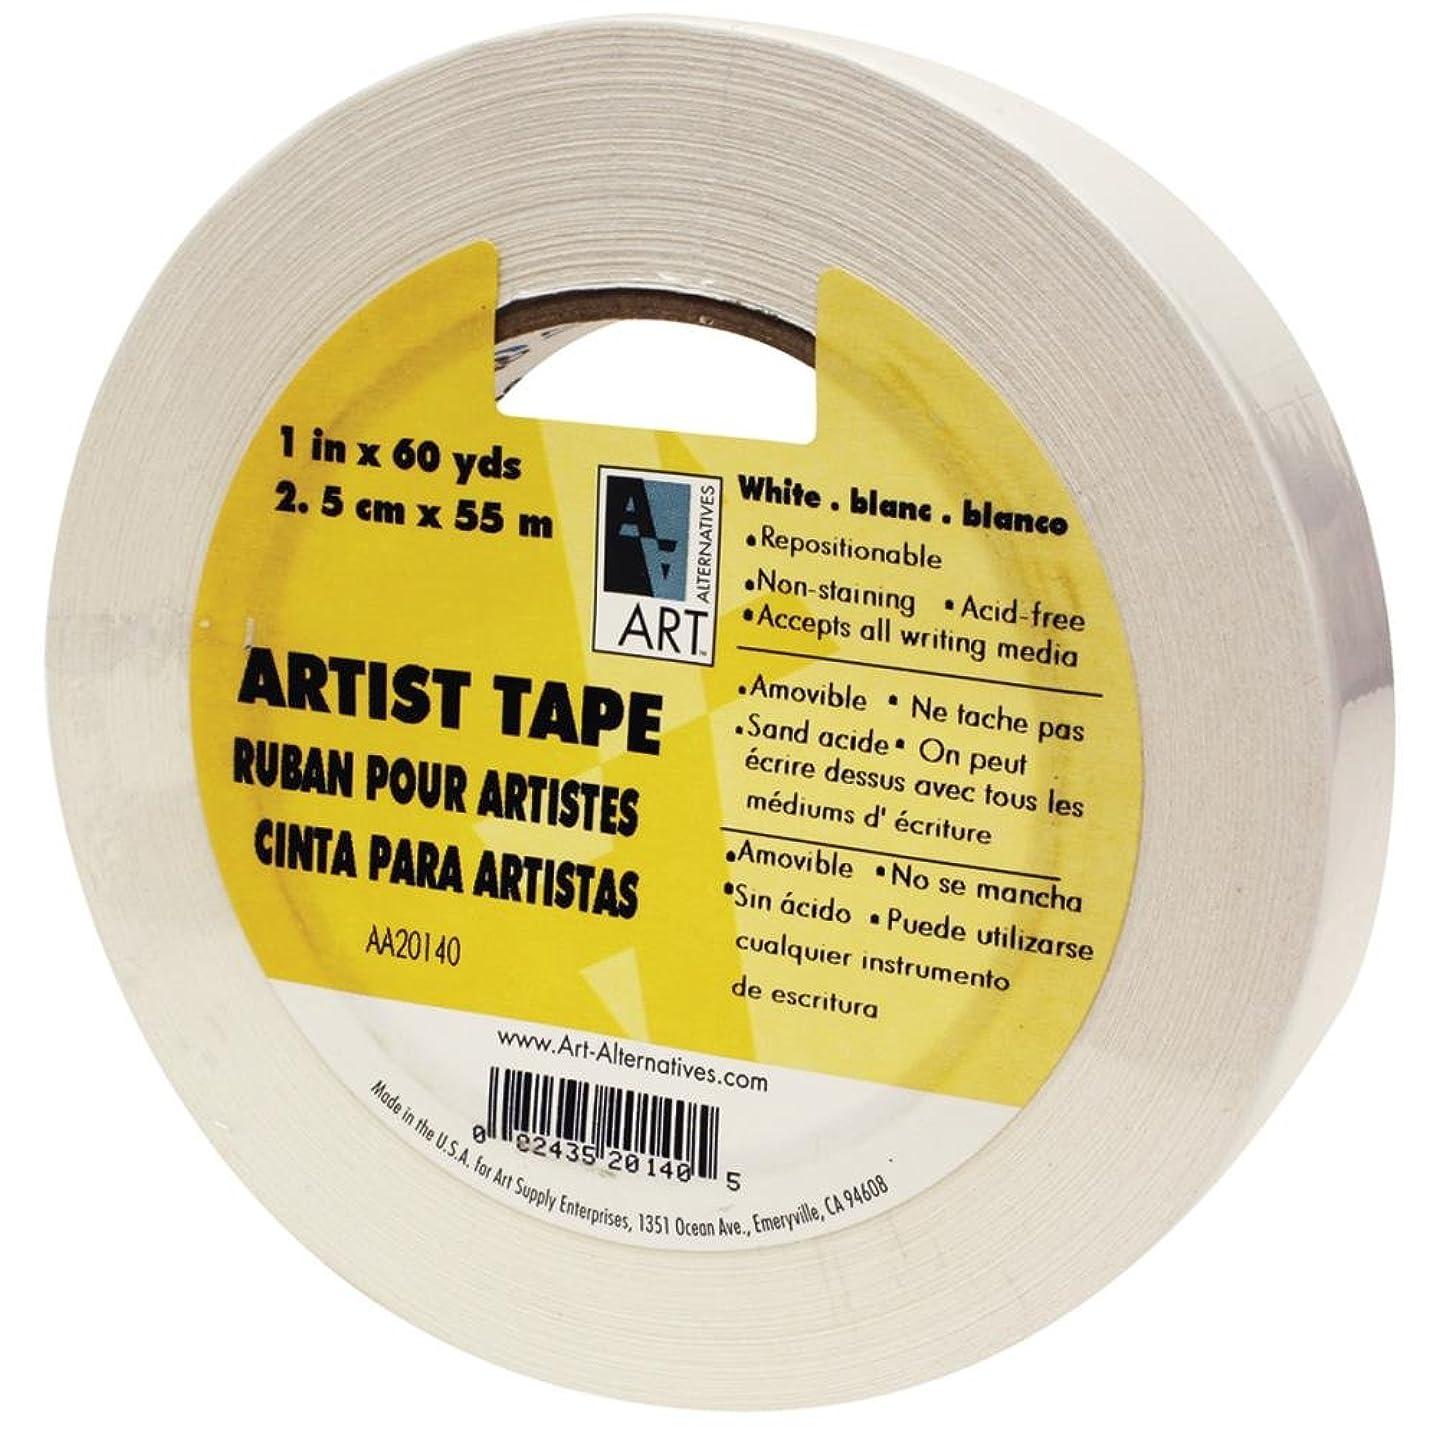 Art Alternatives Economy White Artists Tape - 1 Inch X 60 Yards ihwfj58968806414